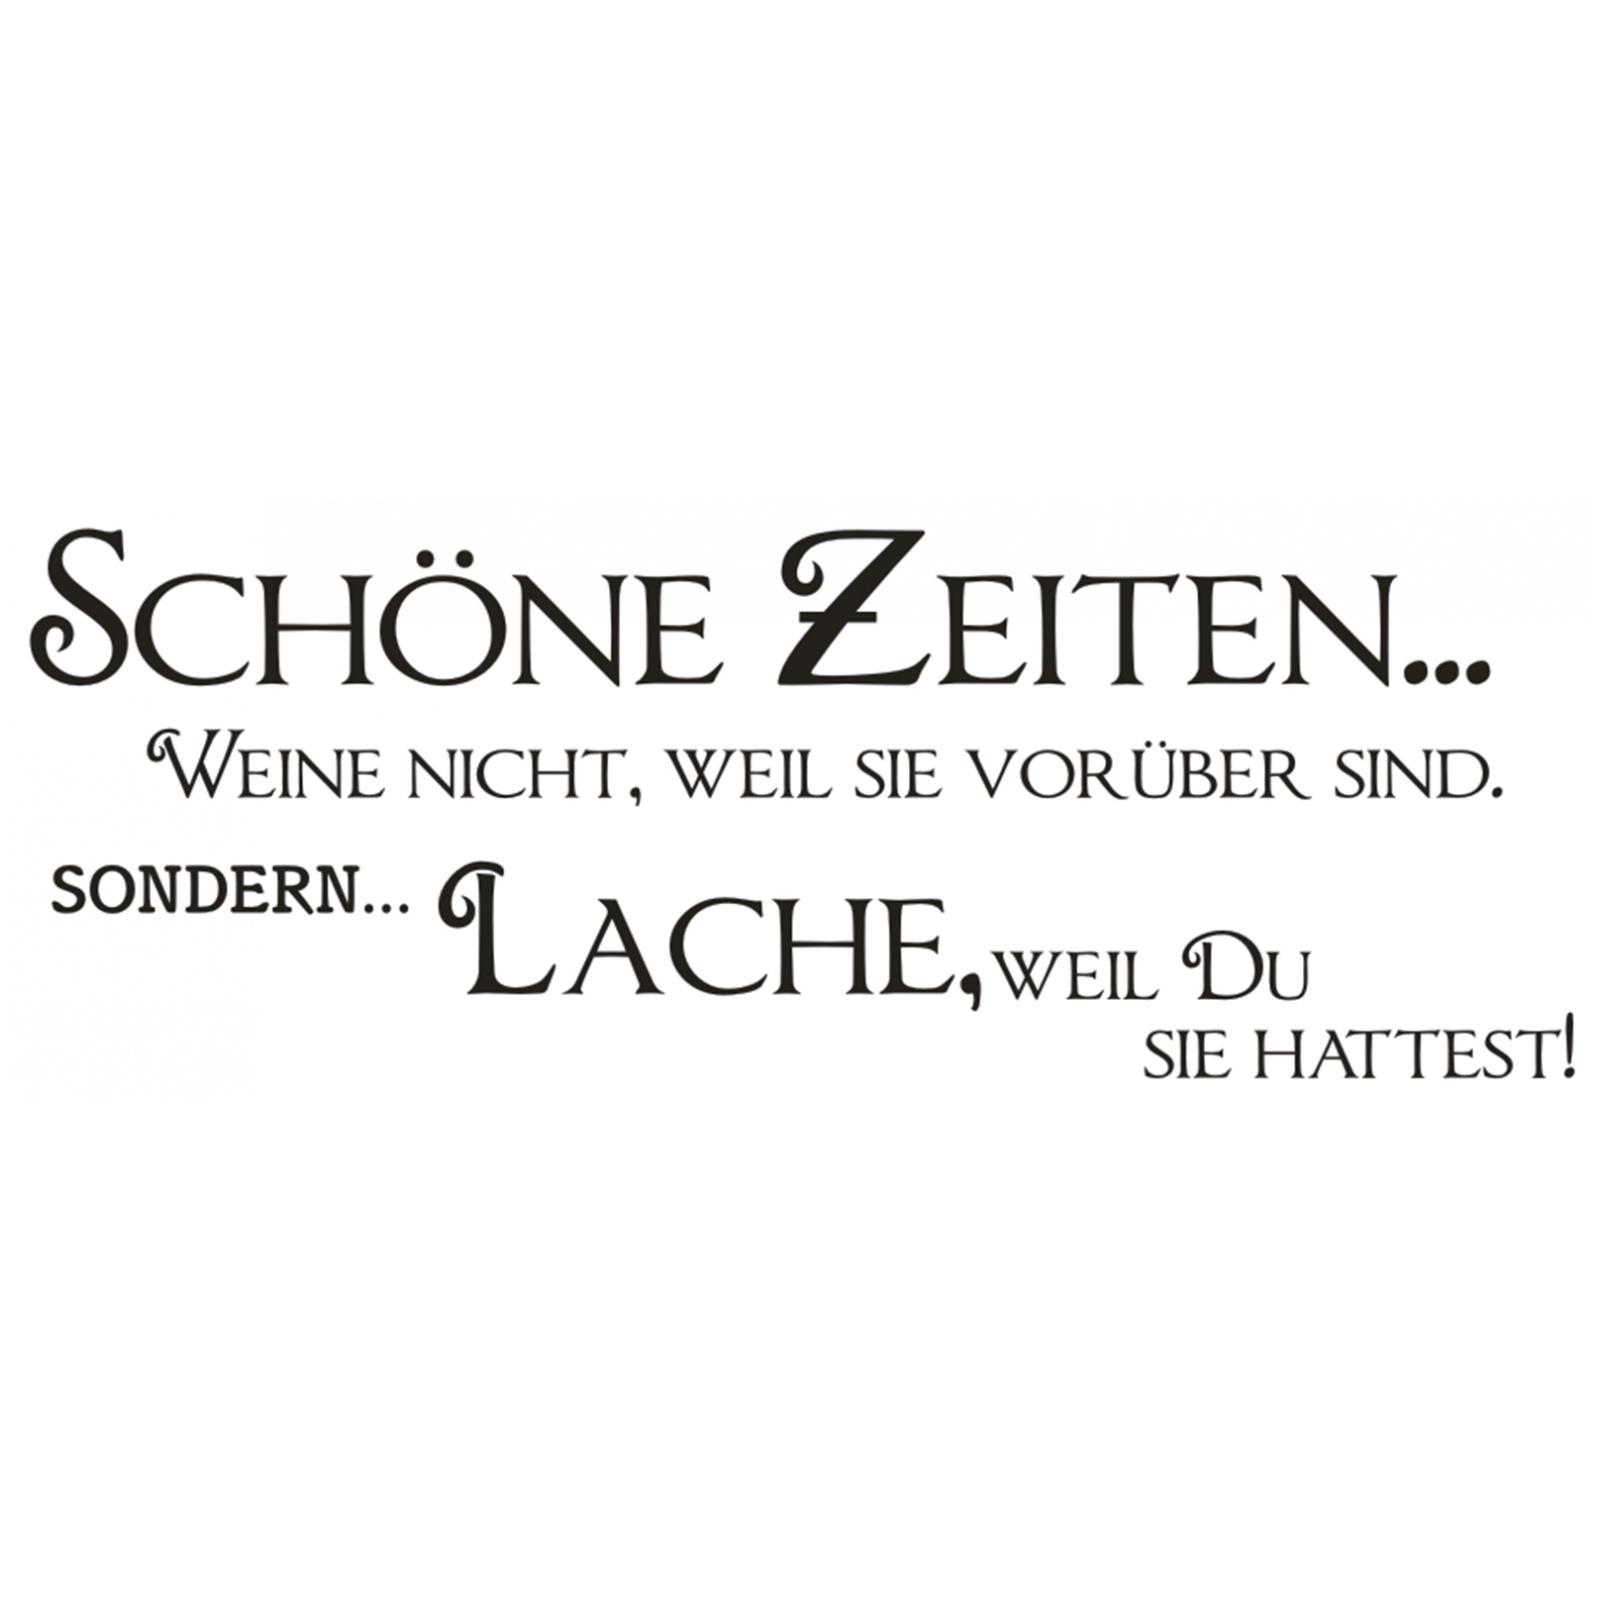 Spruch-WANDTATTOO-Schoene-Zeiten-Lache-Du-Wandsticker-Wandaufkleber-Sticker-9 Indexbild 2